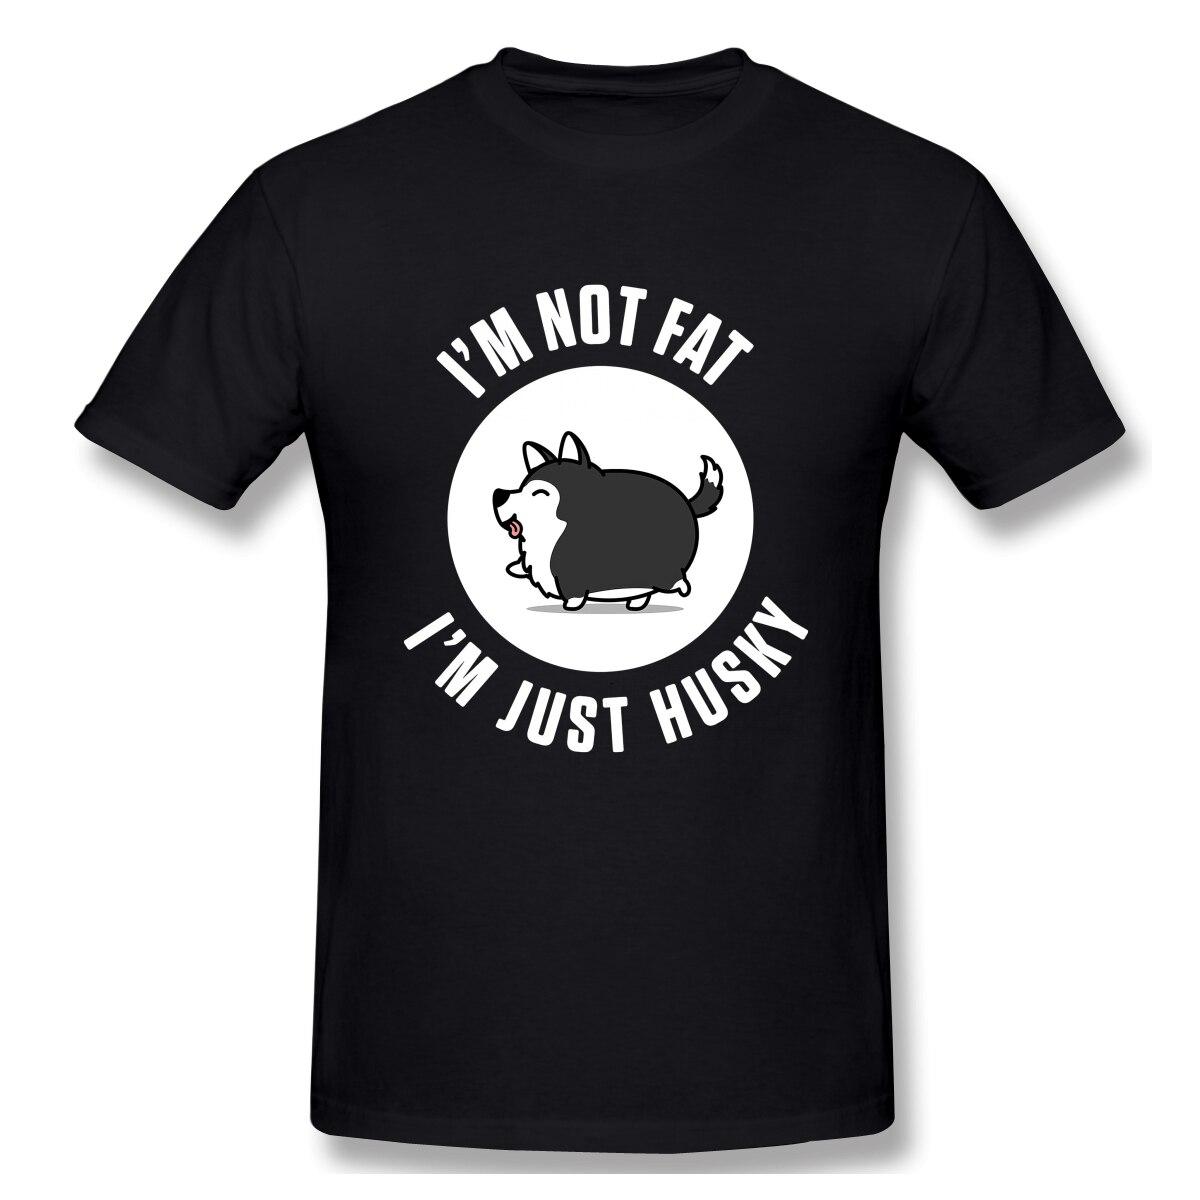 Camiseta de verano sin grasa para hombre y mujer de camiseta de...